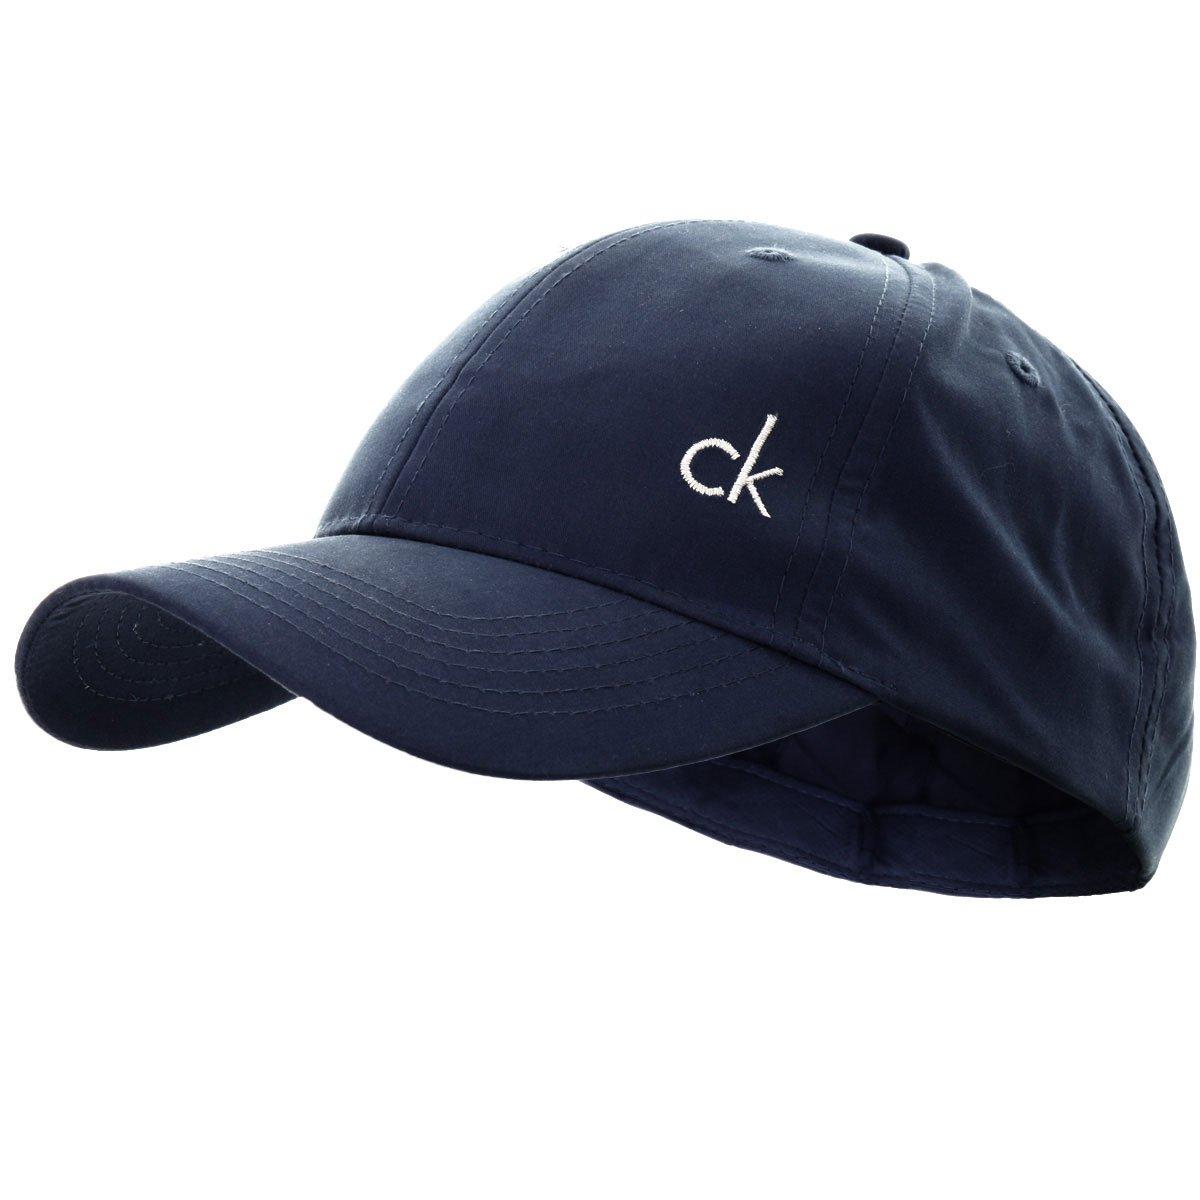 Calvin Klein HAT メンズ US サイズ: One Size カラー: ブルー B0134MD32W